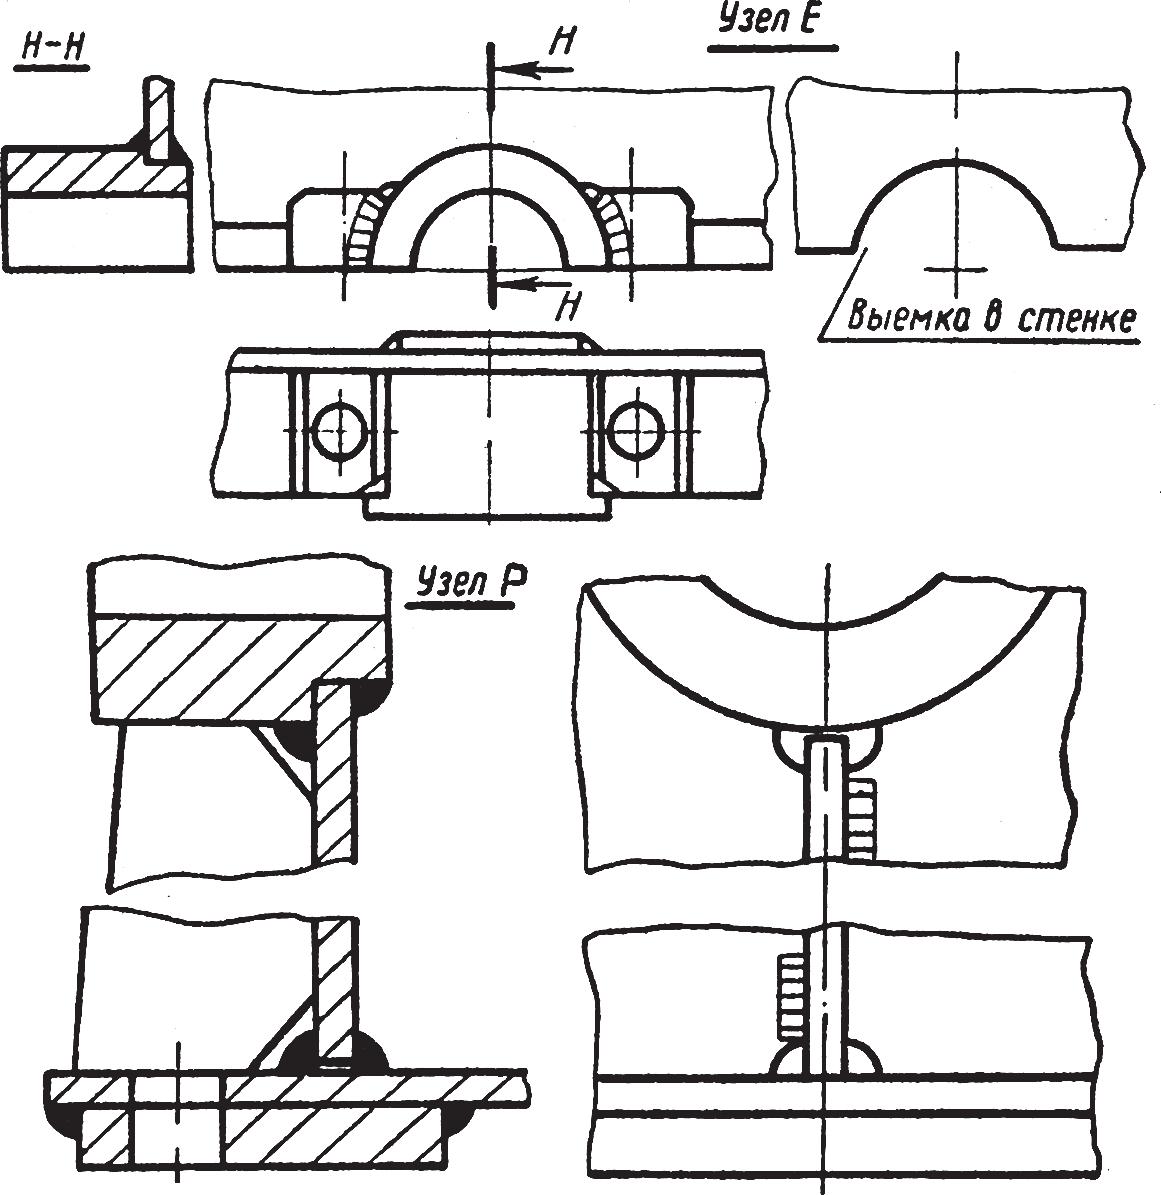 Конструктивные элементы для сопряжения стенок, фланца и бобышки